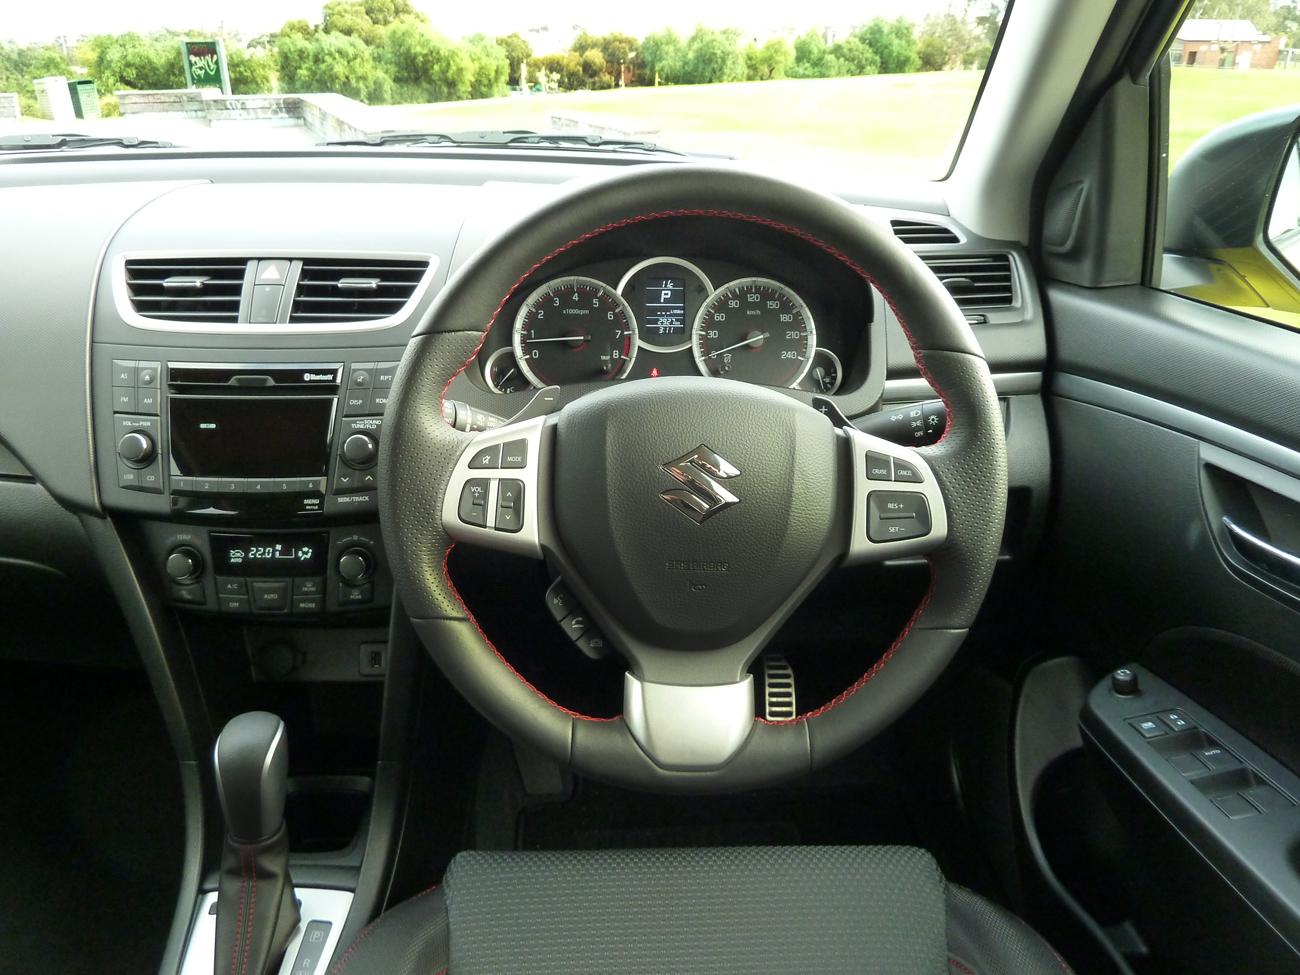 2012_suzuki_swift_sport_cvt_automatic_road_test_review_07